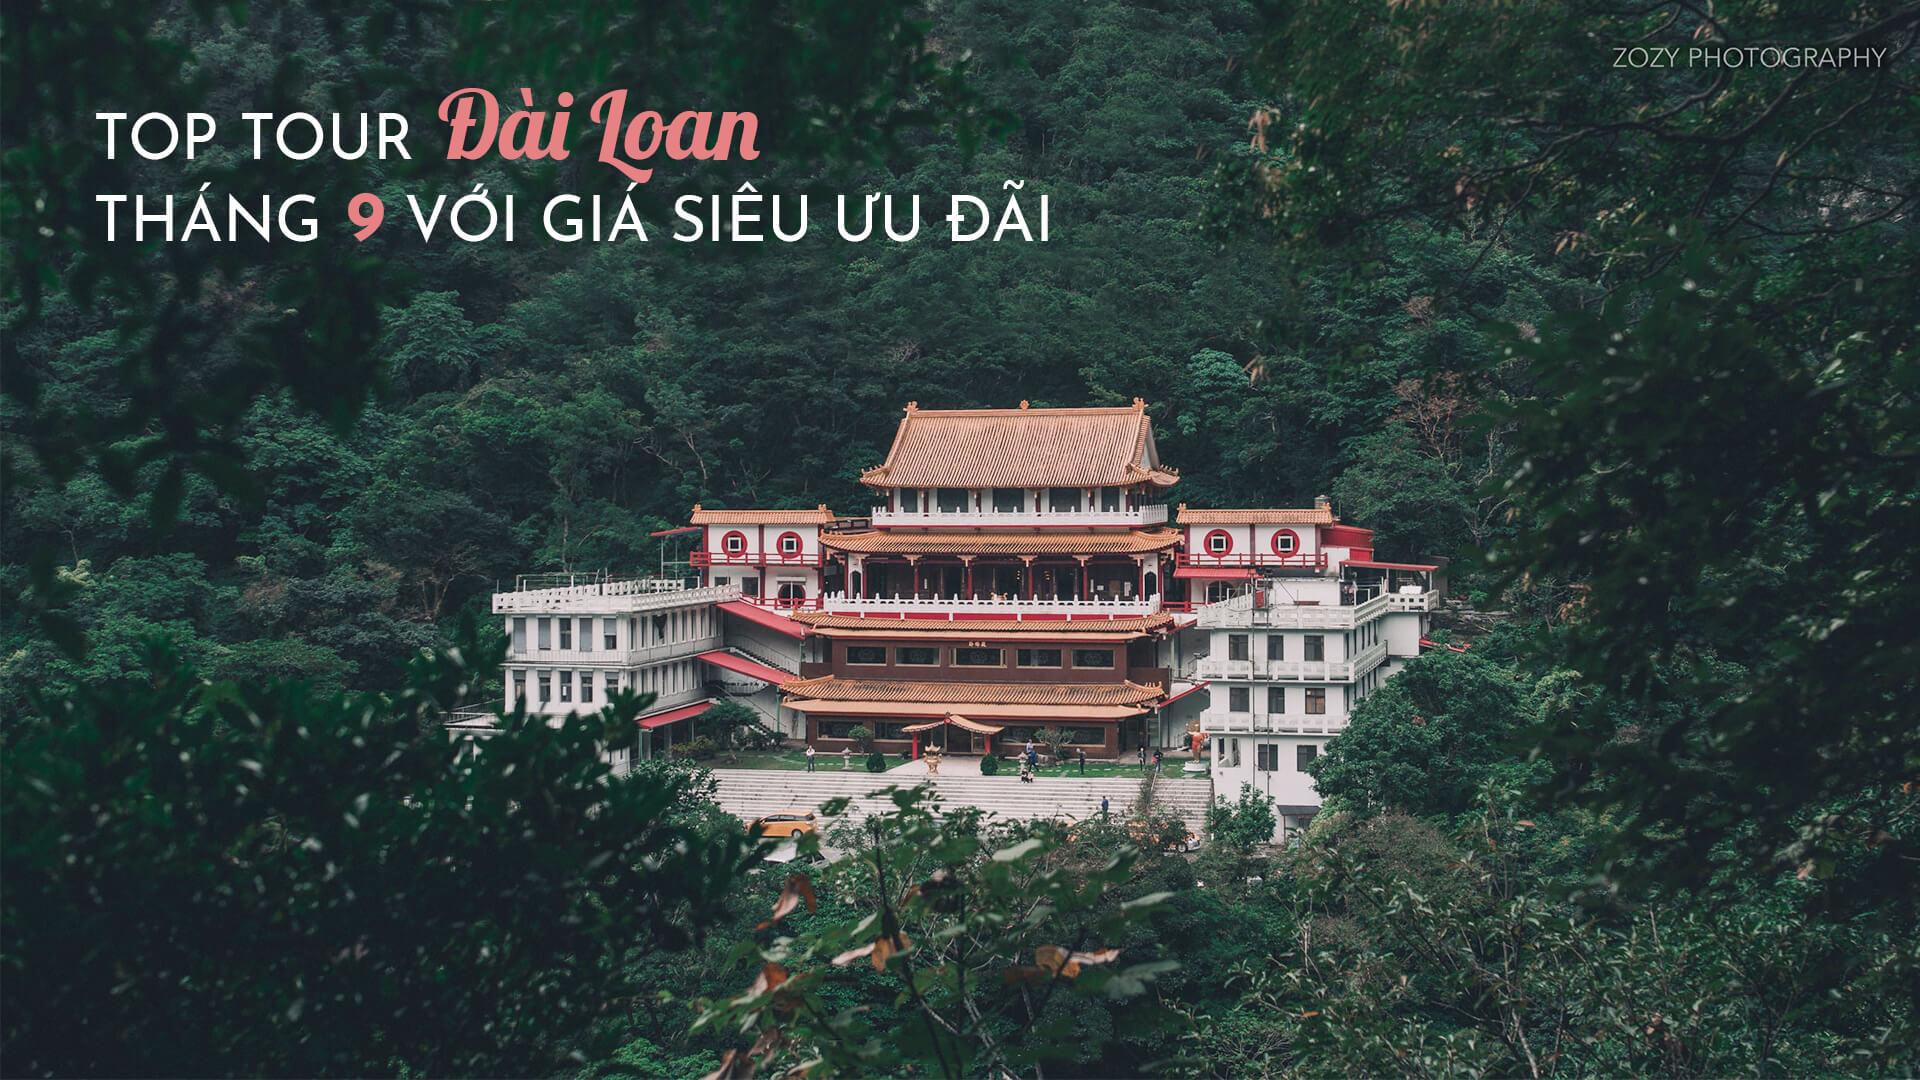 Chuyên Tour Đài Loan tháng 9 - GIÁ CHỈ 8.999.000đ